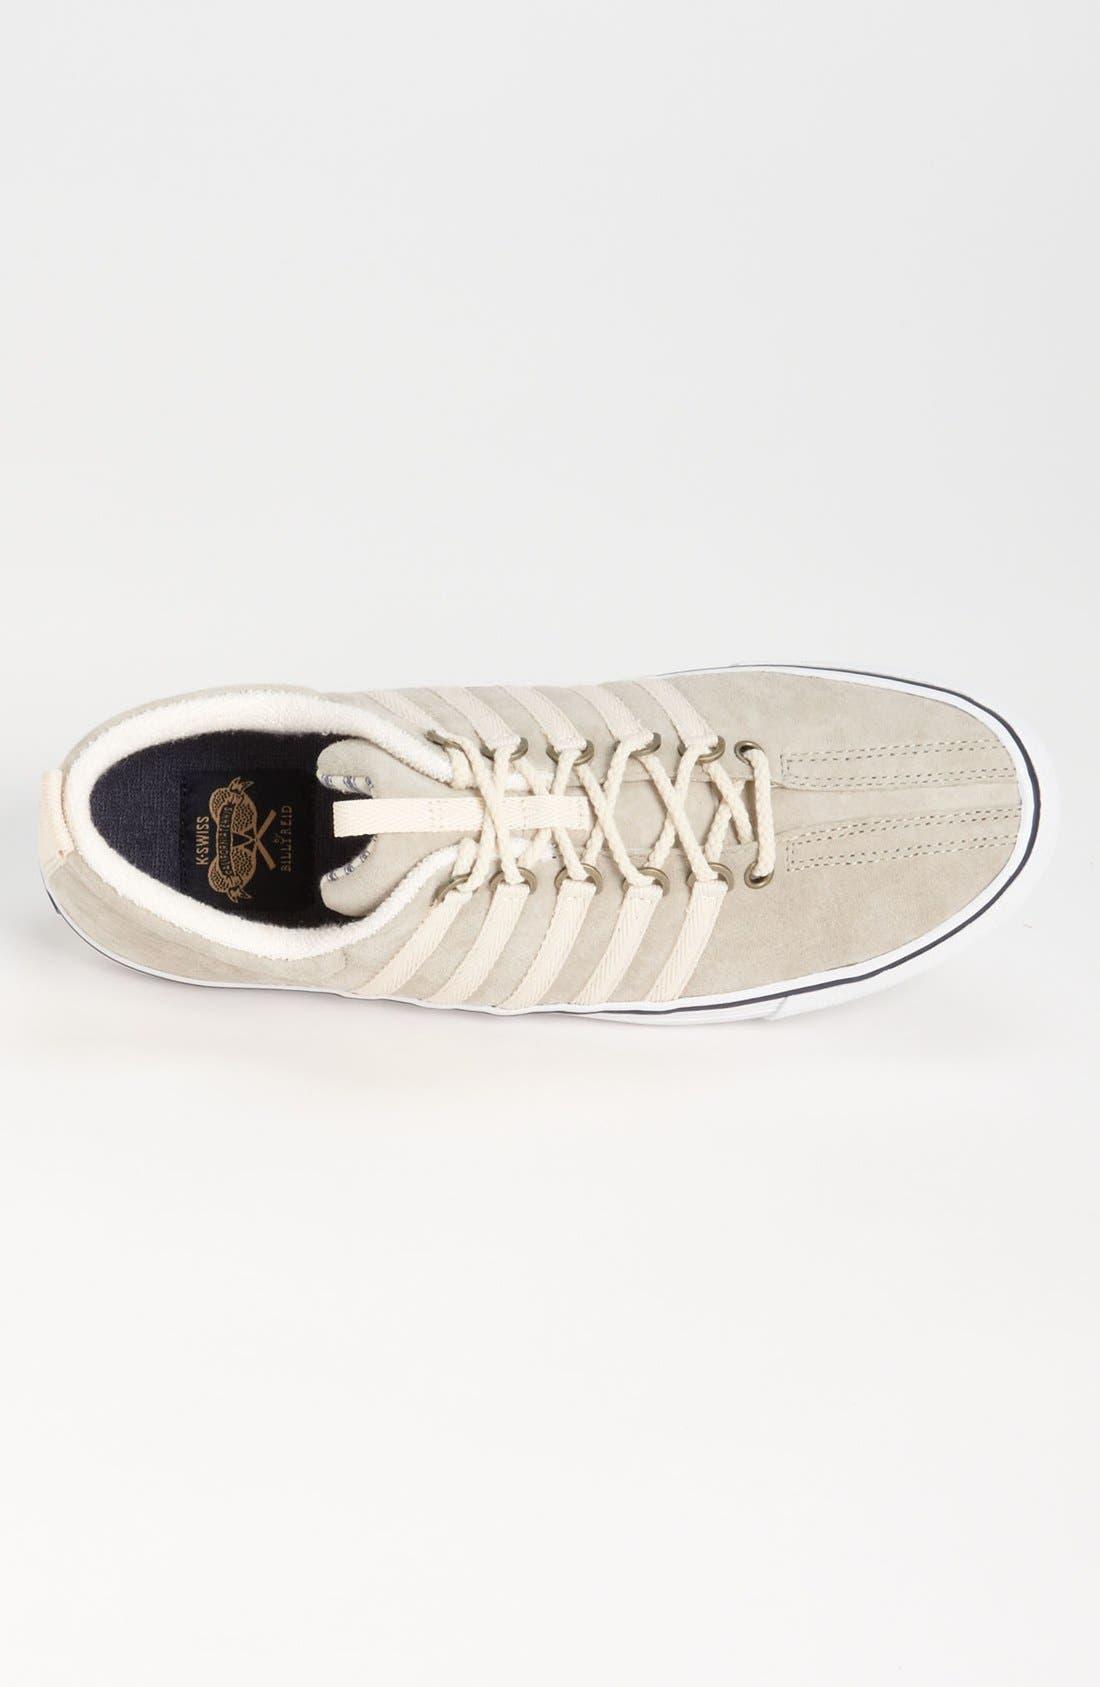 Alternate Image 3  - K-Swiss 'Billy Reid Venice' Suede Sneaker (Men)